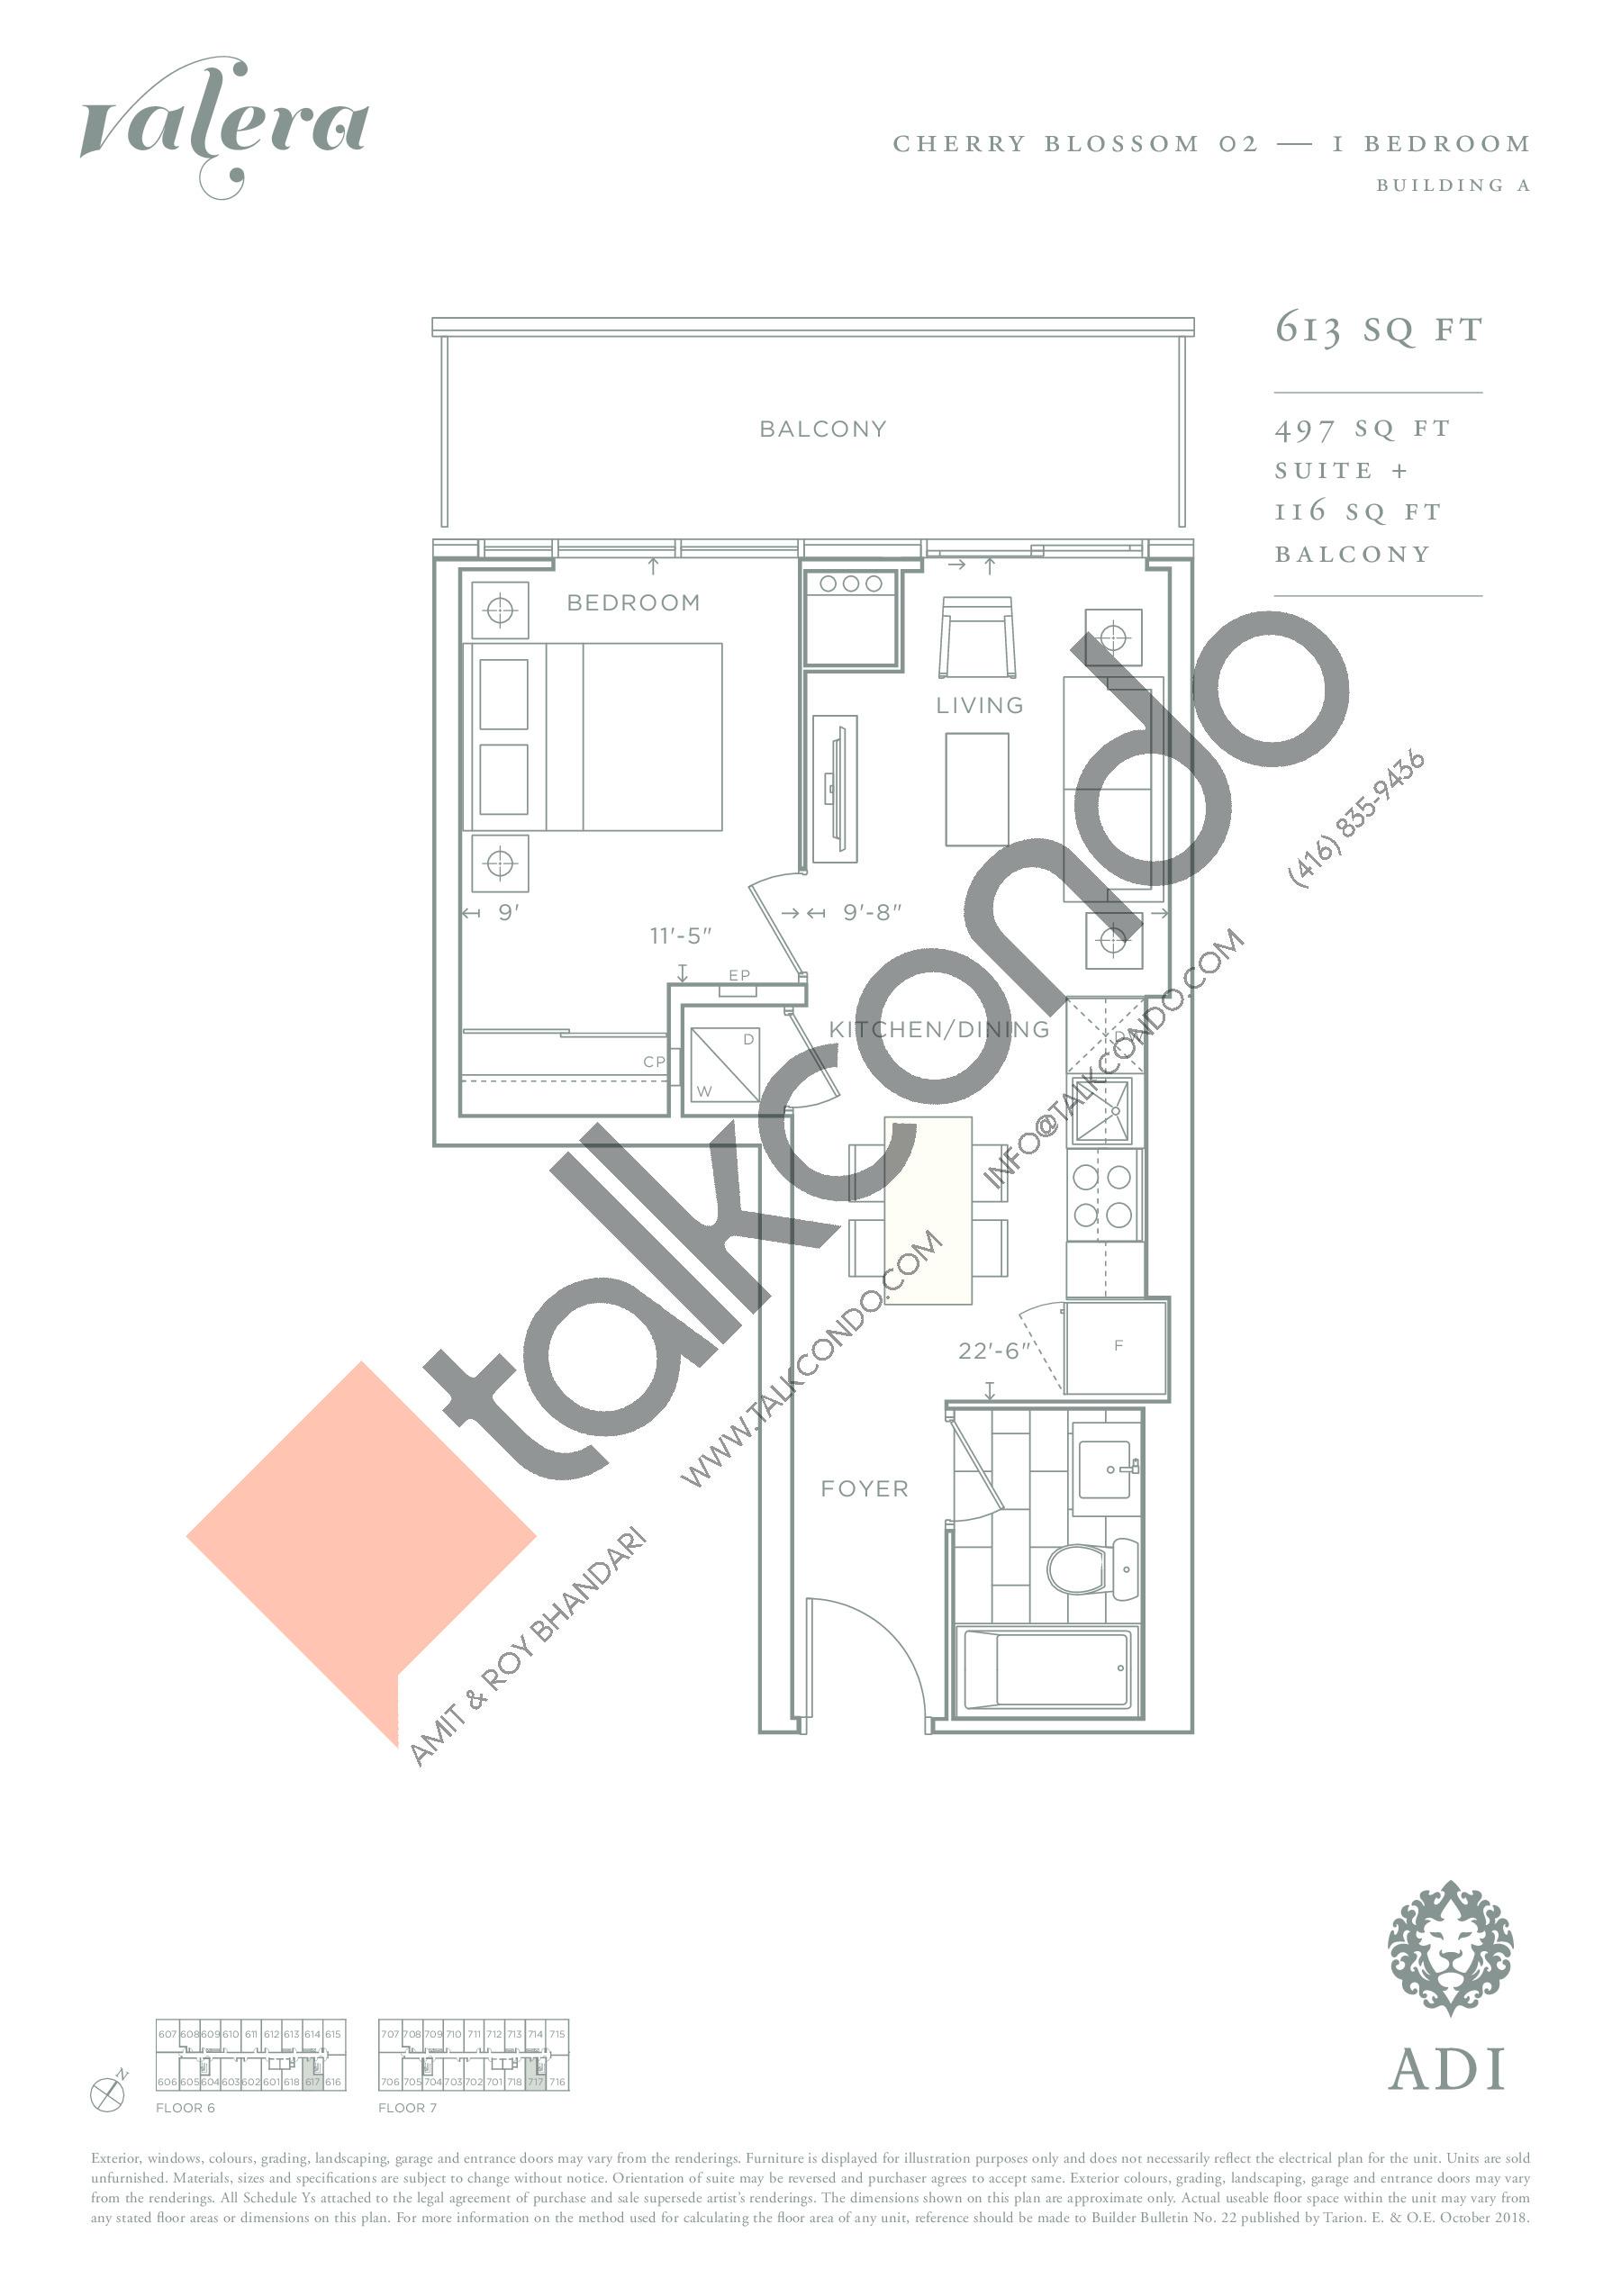 Cherry Blossom 02 Floor Plan at Valera Condos - 497 sq.ft